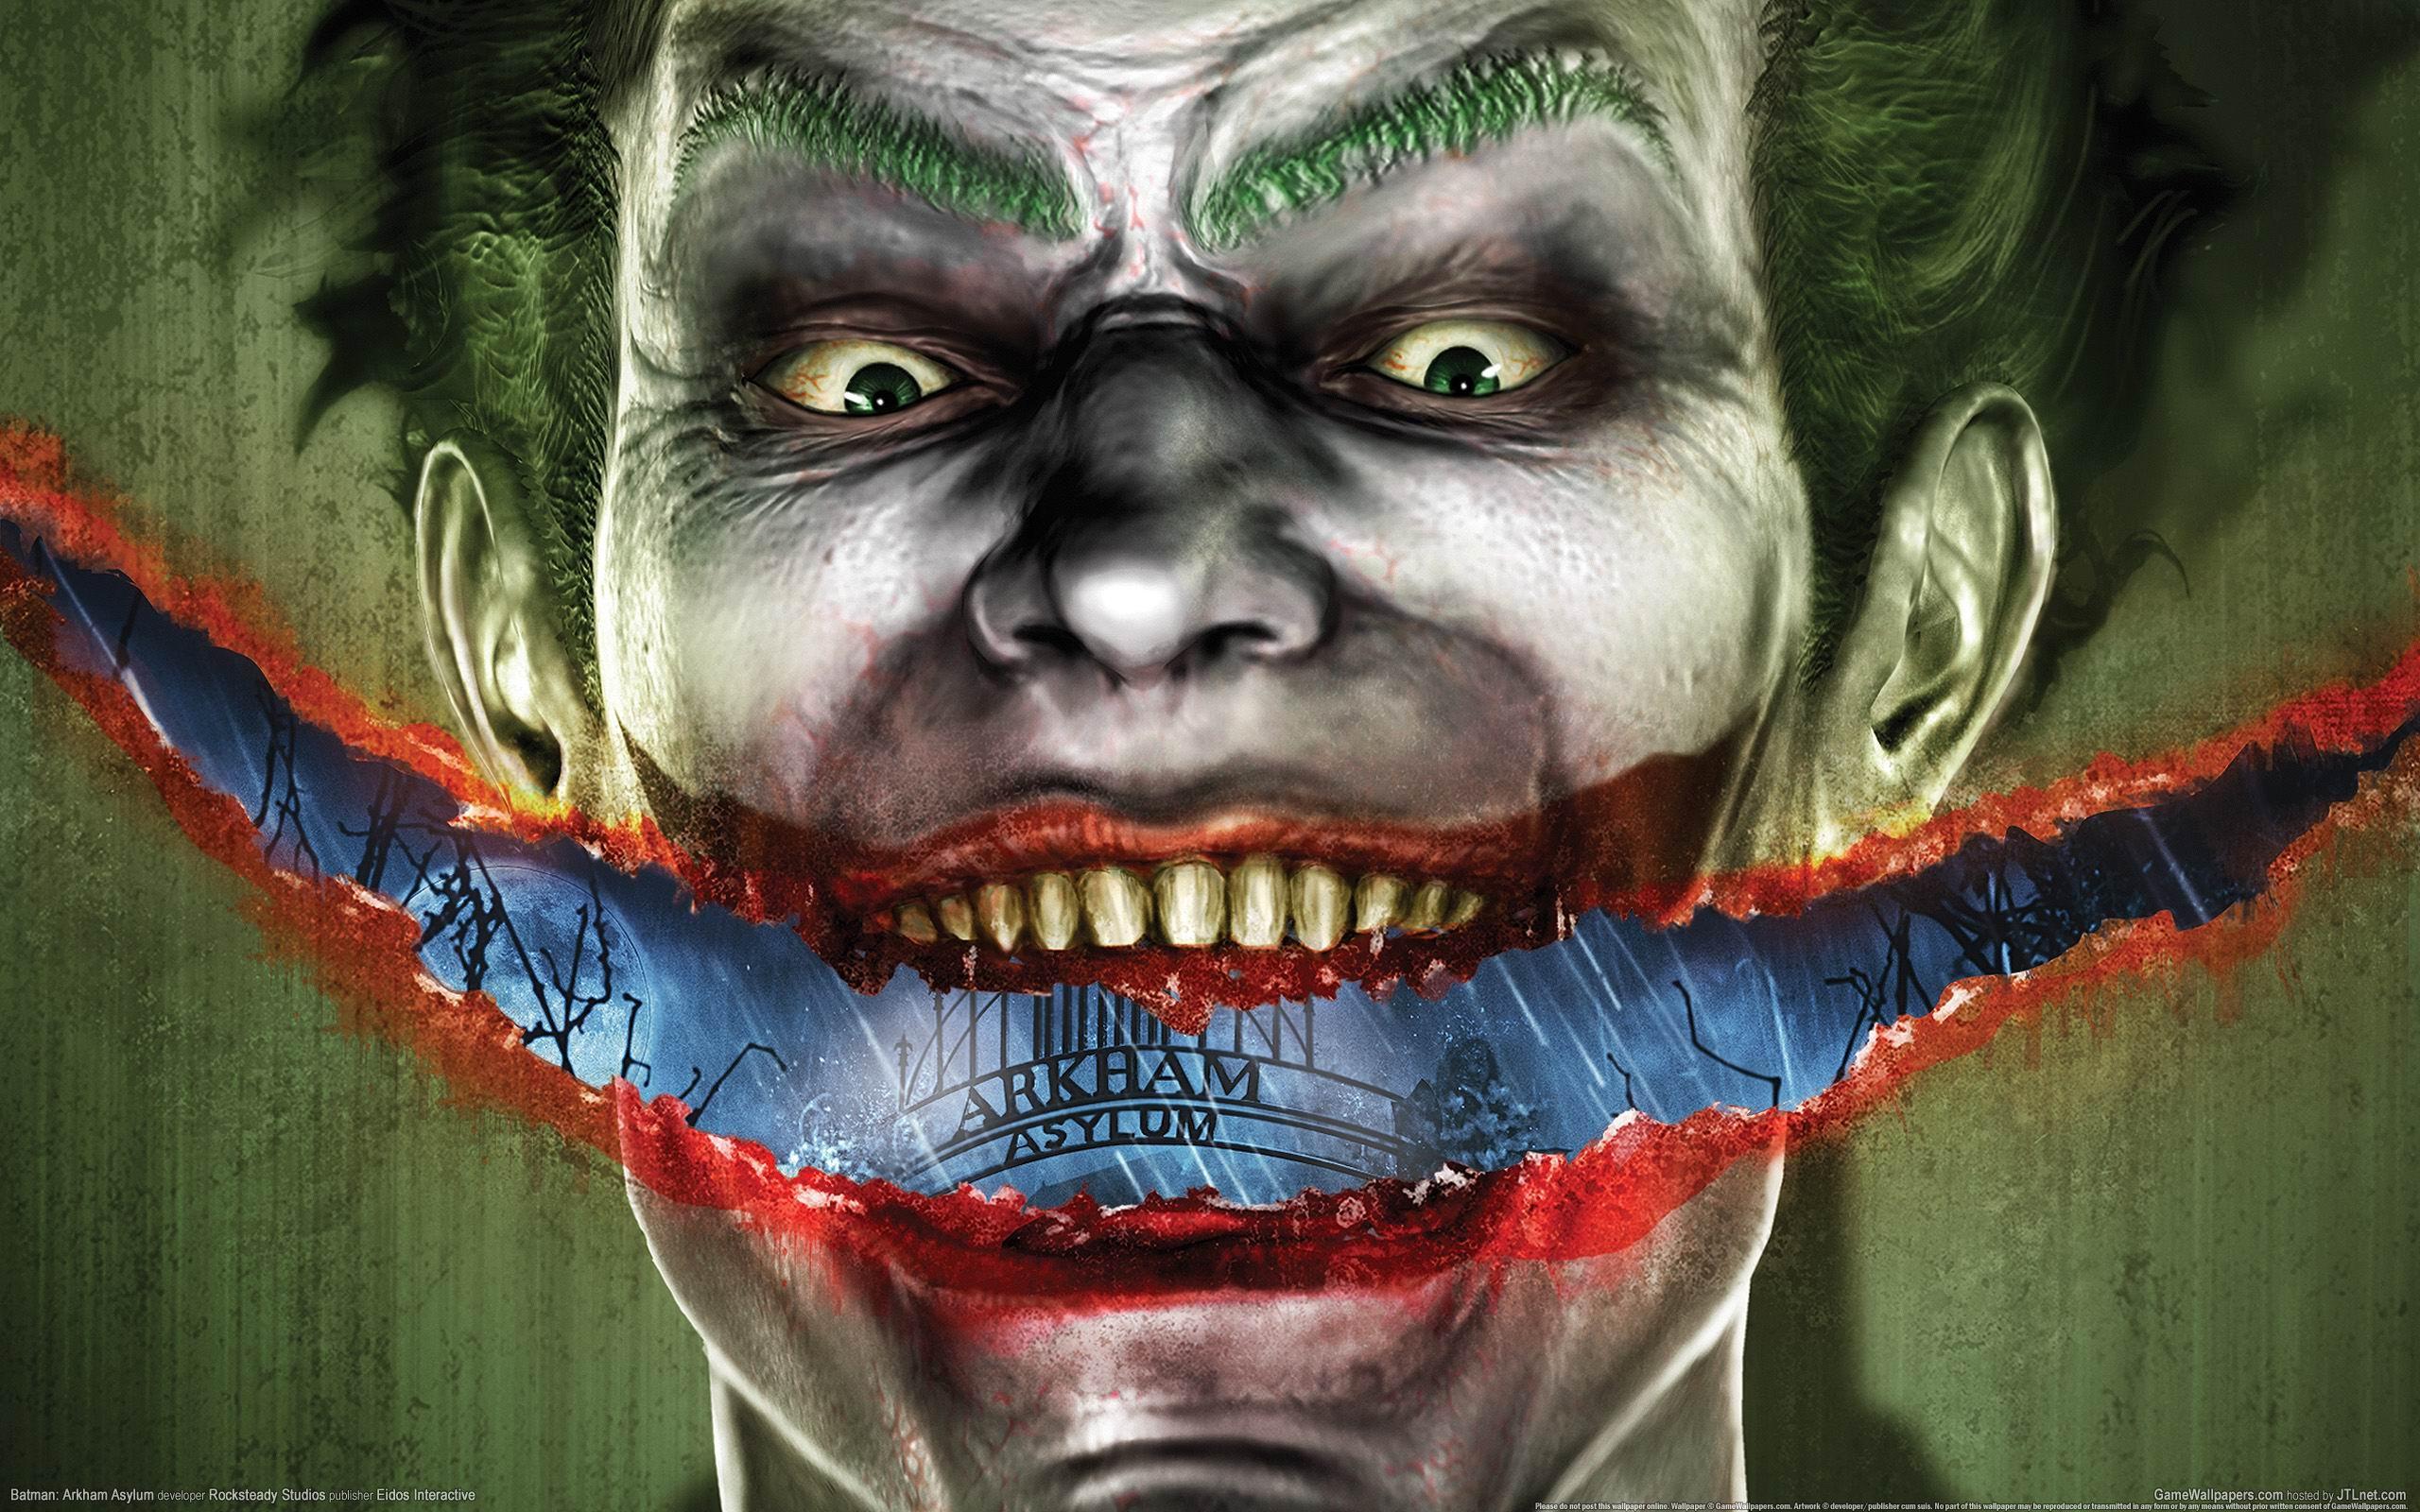 Wallpaper : Joker, Batman, games 2560x1600 ...